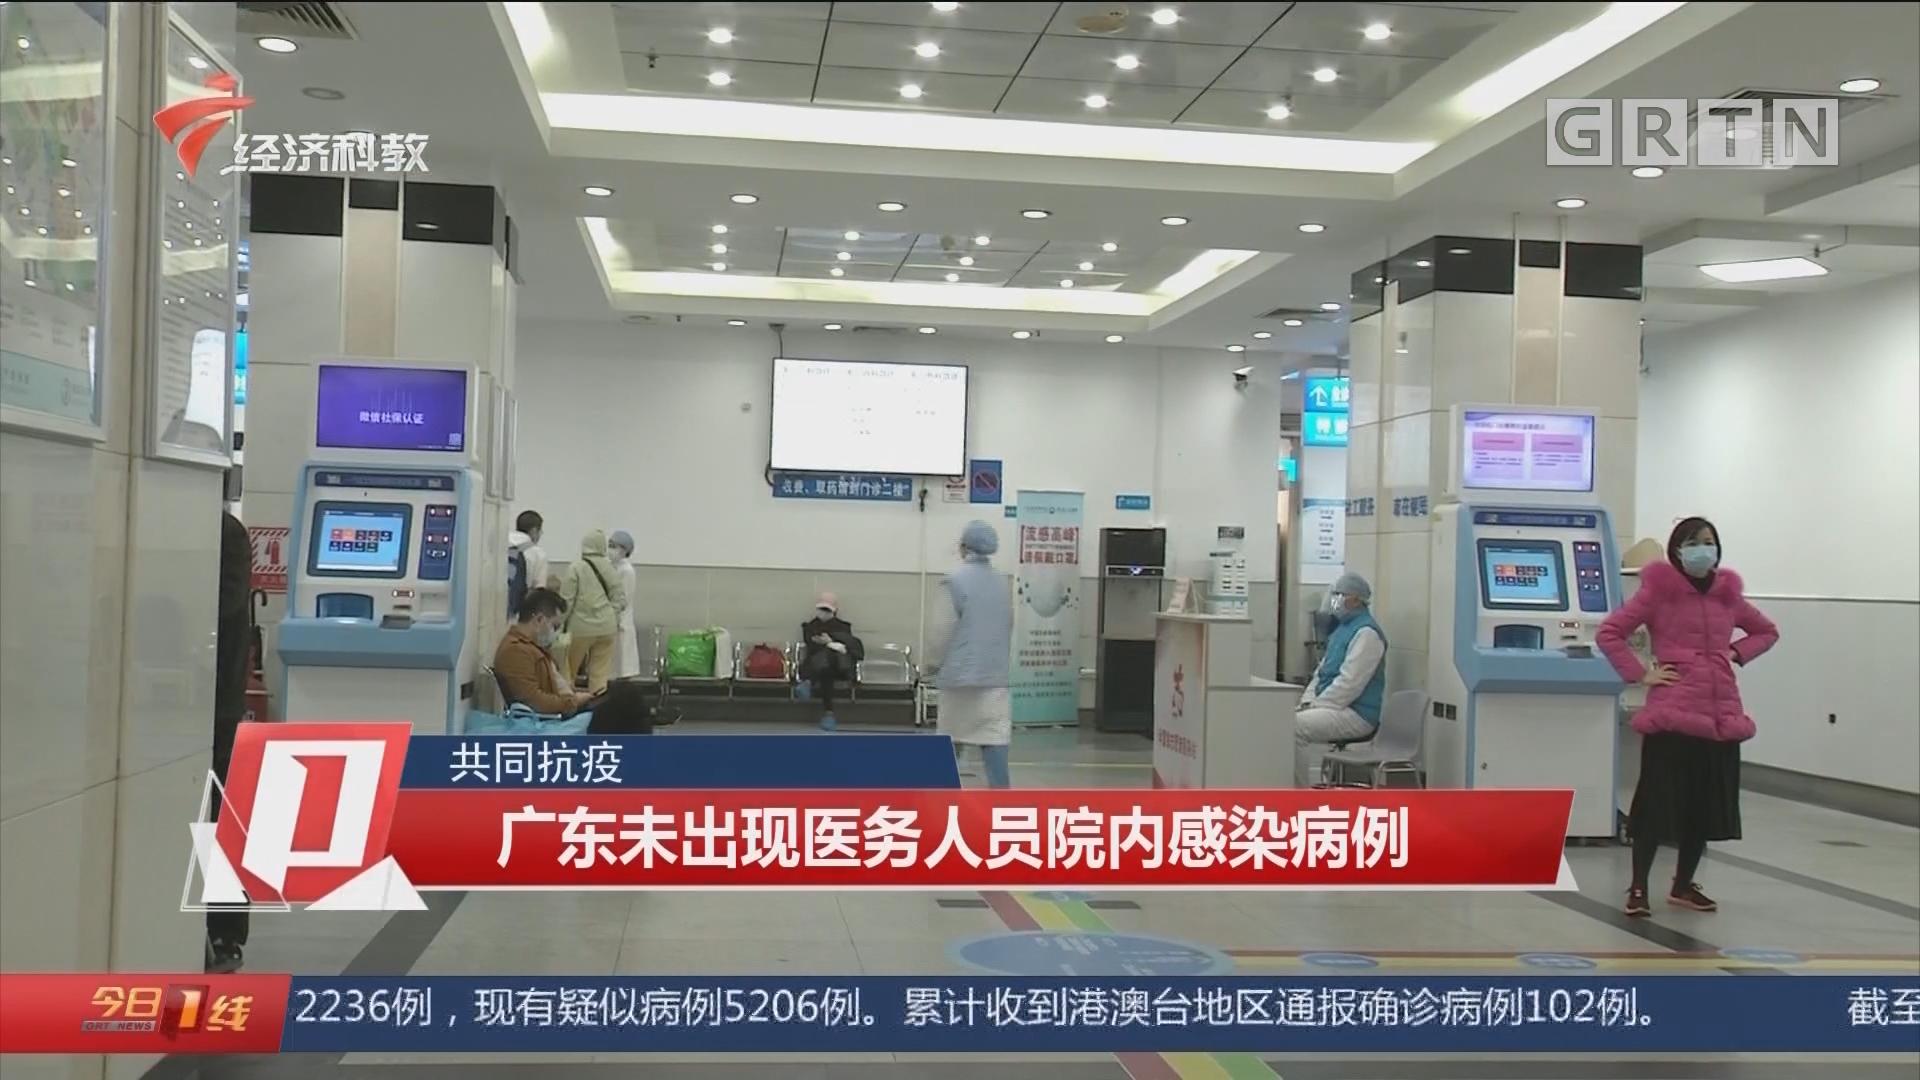 共同抗疫:广东未出现医务人员院内感染病例